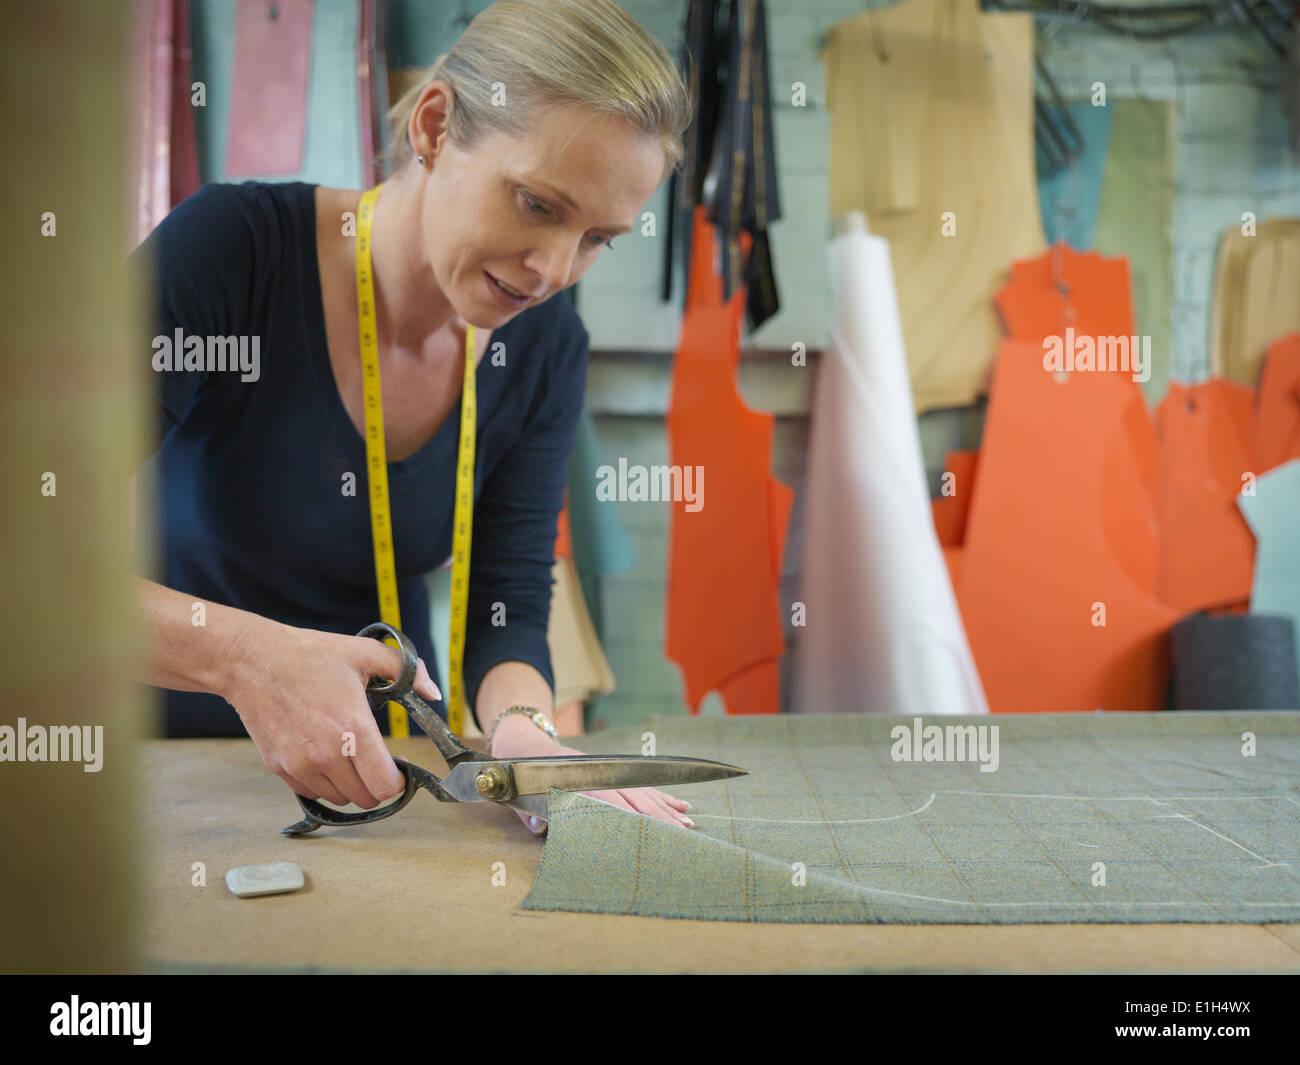 Arbeitnehmerin schneiden Tuch in Textilfabrik Stockbild